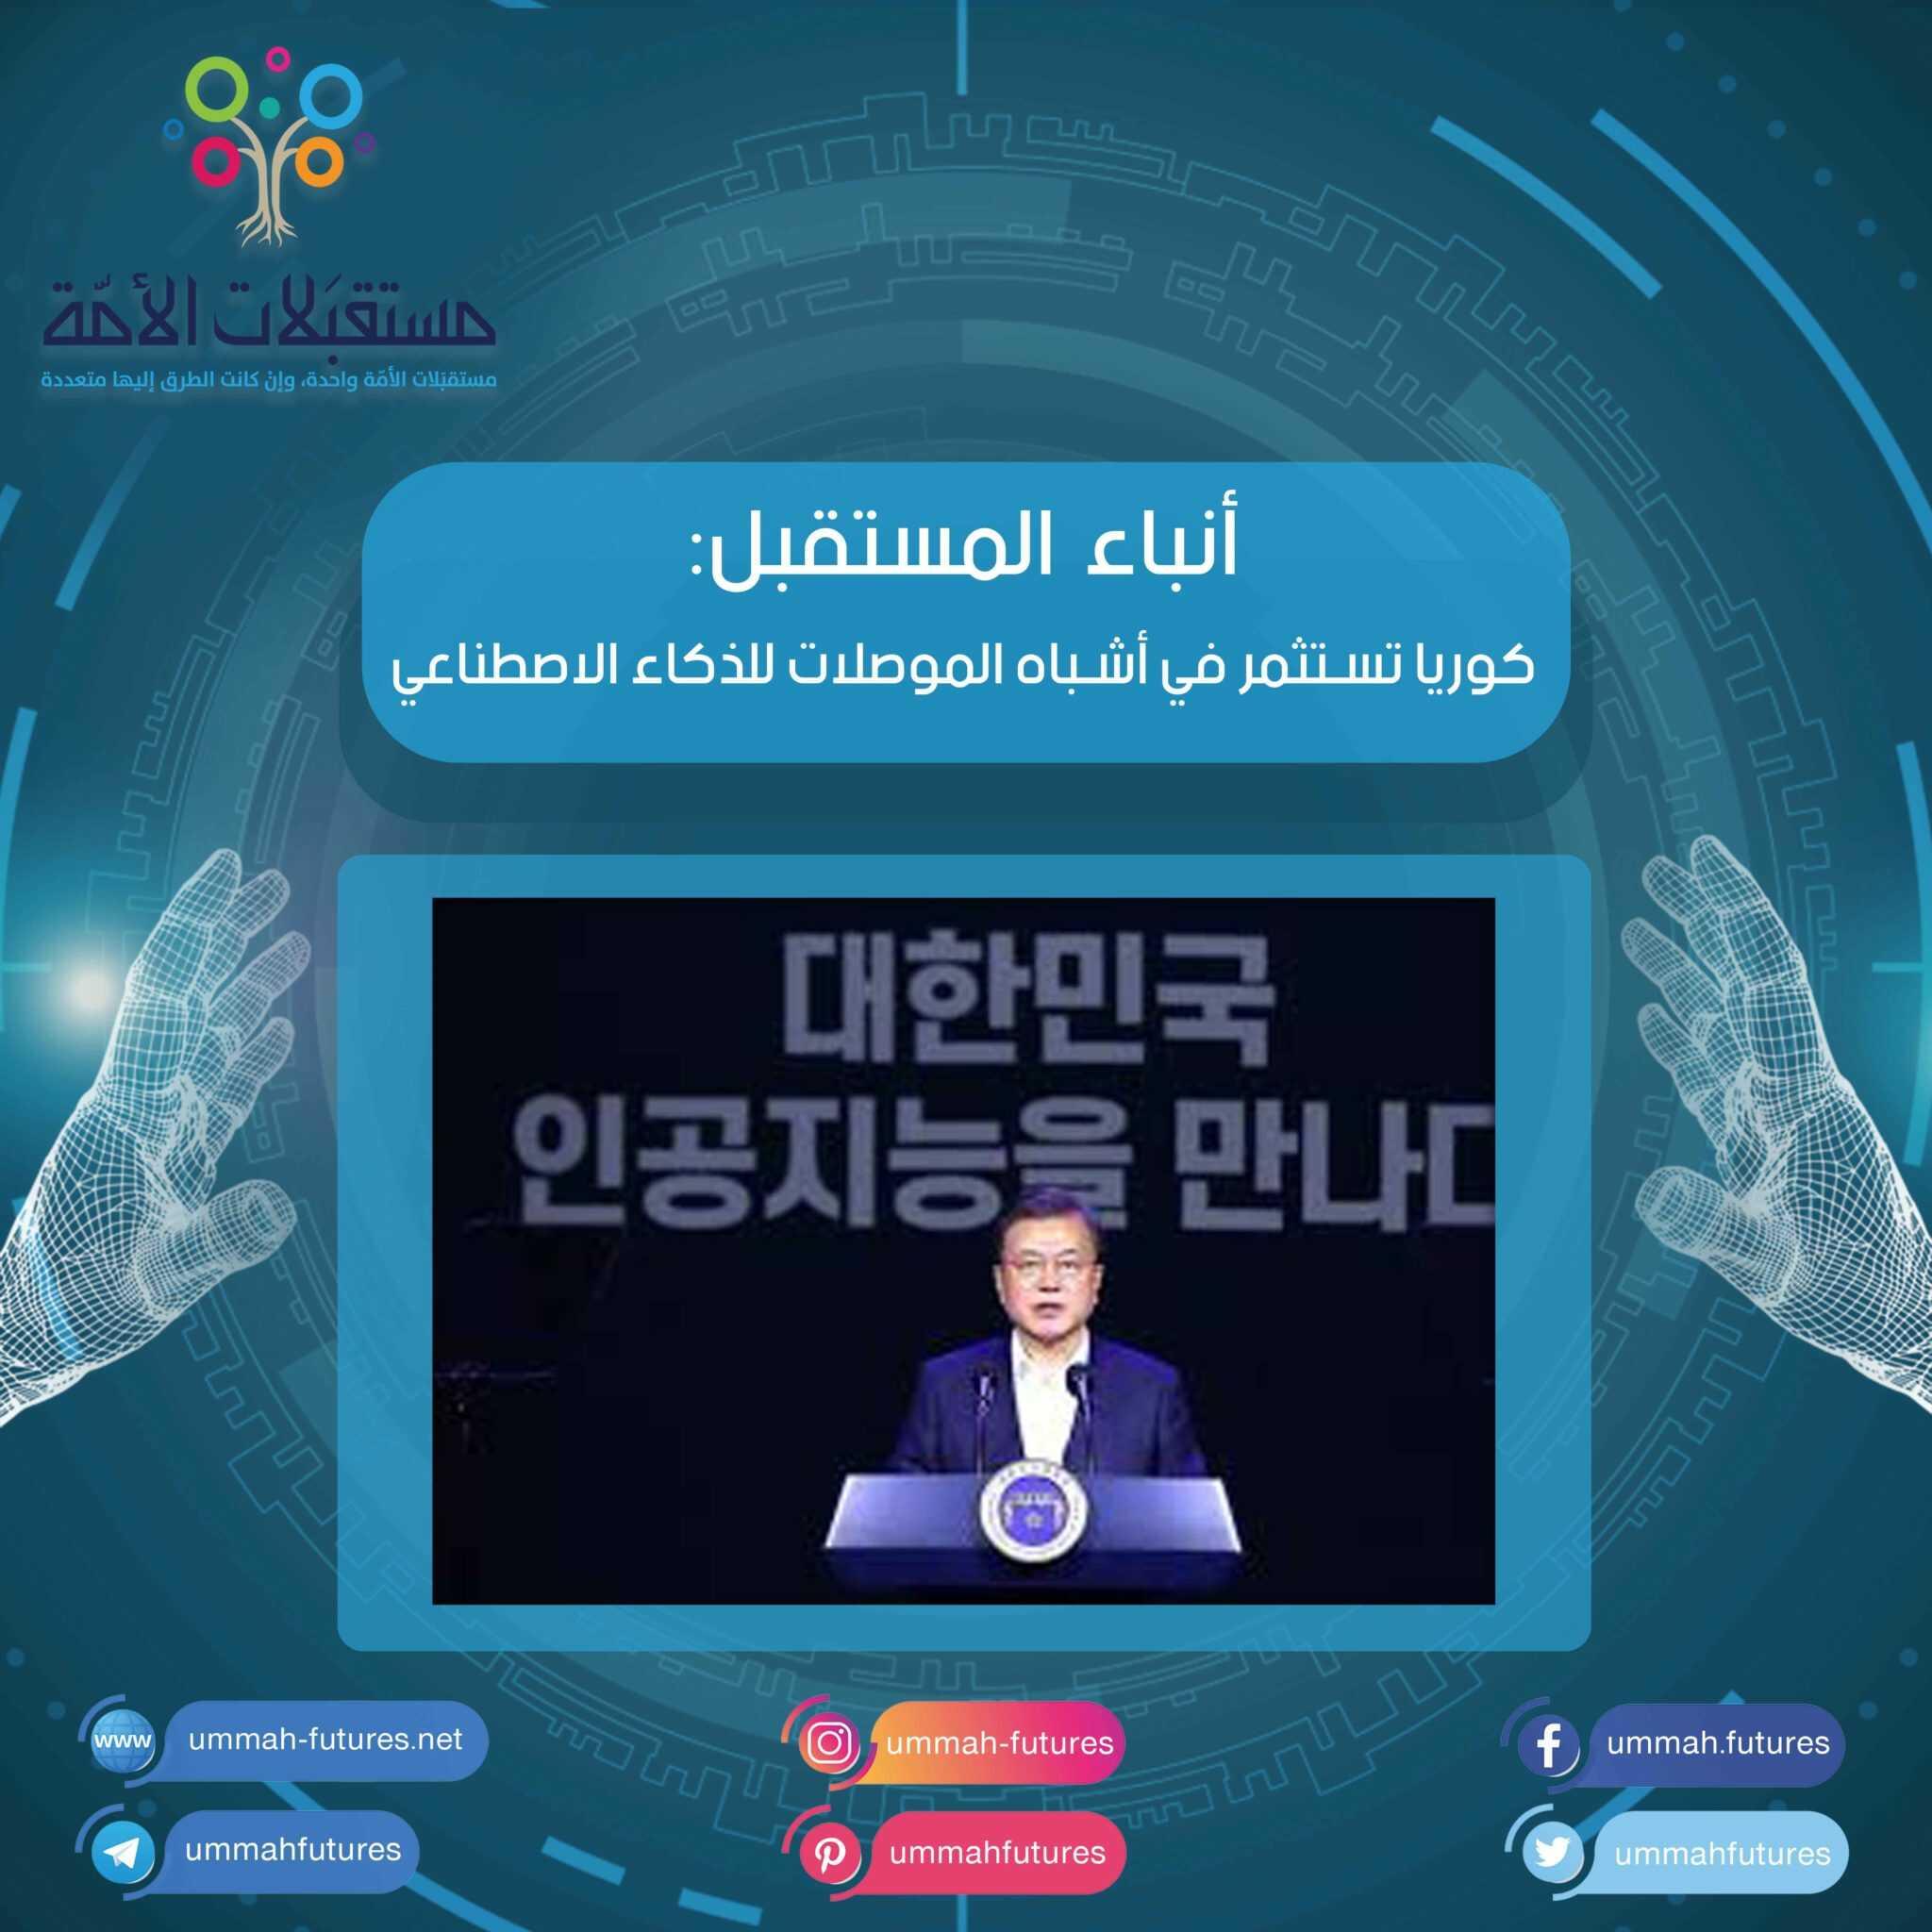 أنباء المستقبل:كوريا تستثمر في أشباه الموصلات للذكاء الاصطناعي حتى عام 2029